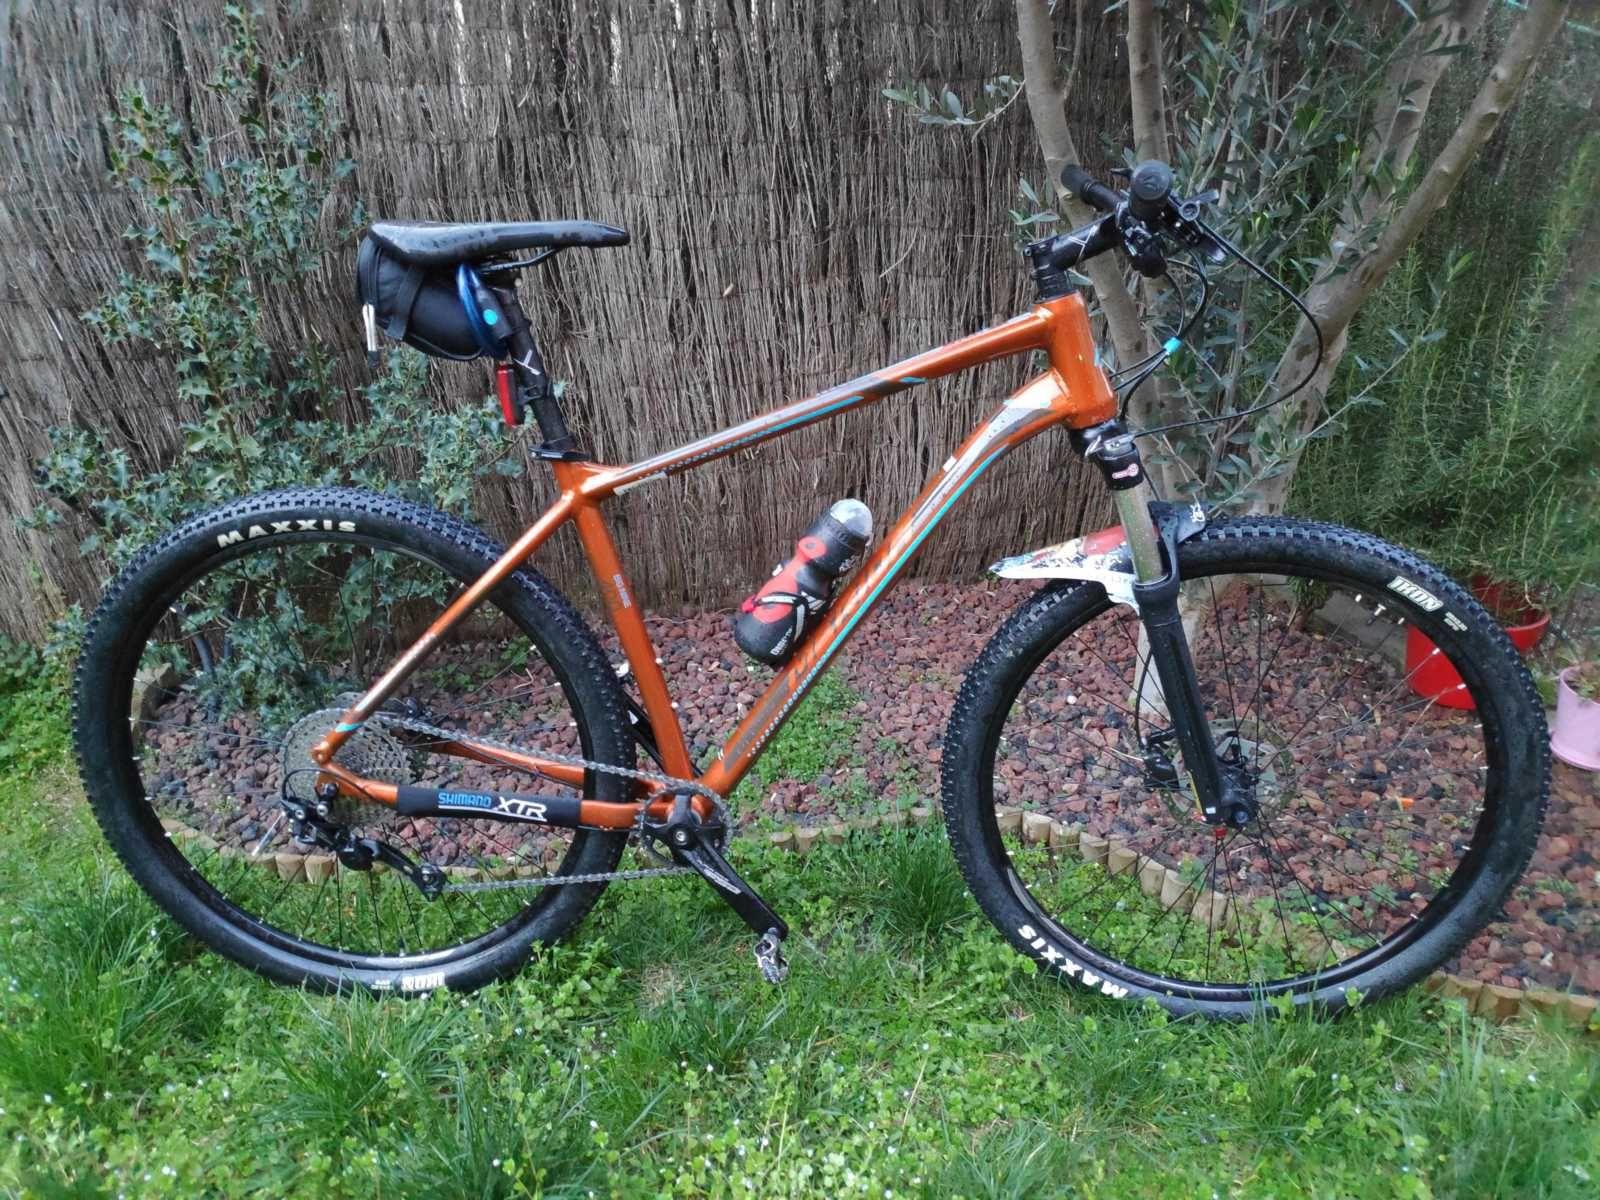 Bicicleta Merida Big Nine En Talla L 57984 Categoría Bicicletas De Montaña Año 2019 Cambio Shimano Deore En 2020 Bicicletas Merida Bicicletas Bicicletas Mtb